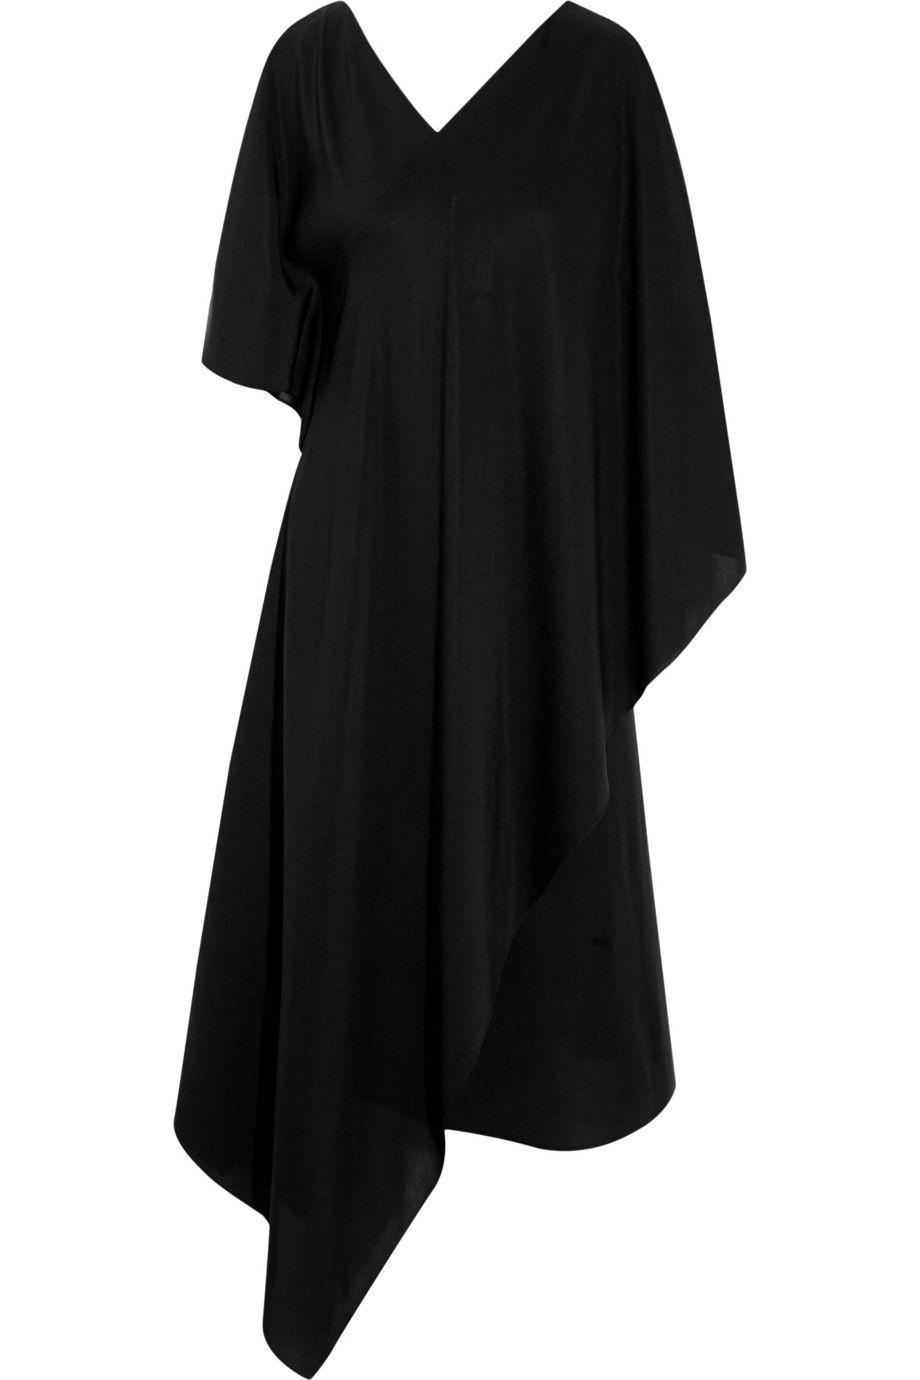 Agnona | Draped silk crepe de chine dress | NET-A-PORTER.COM